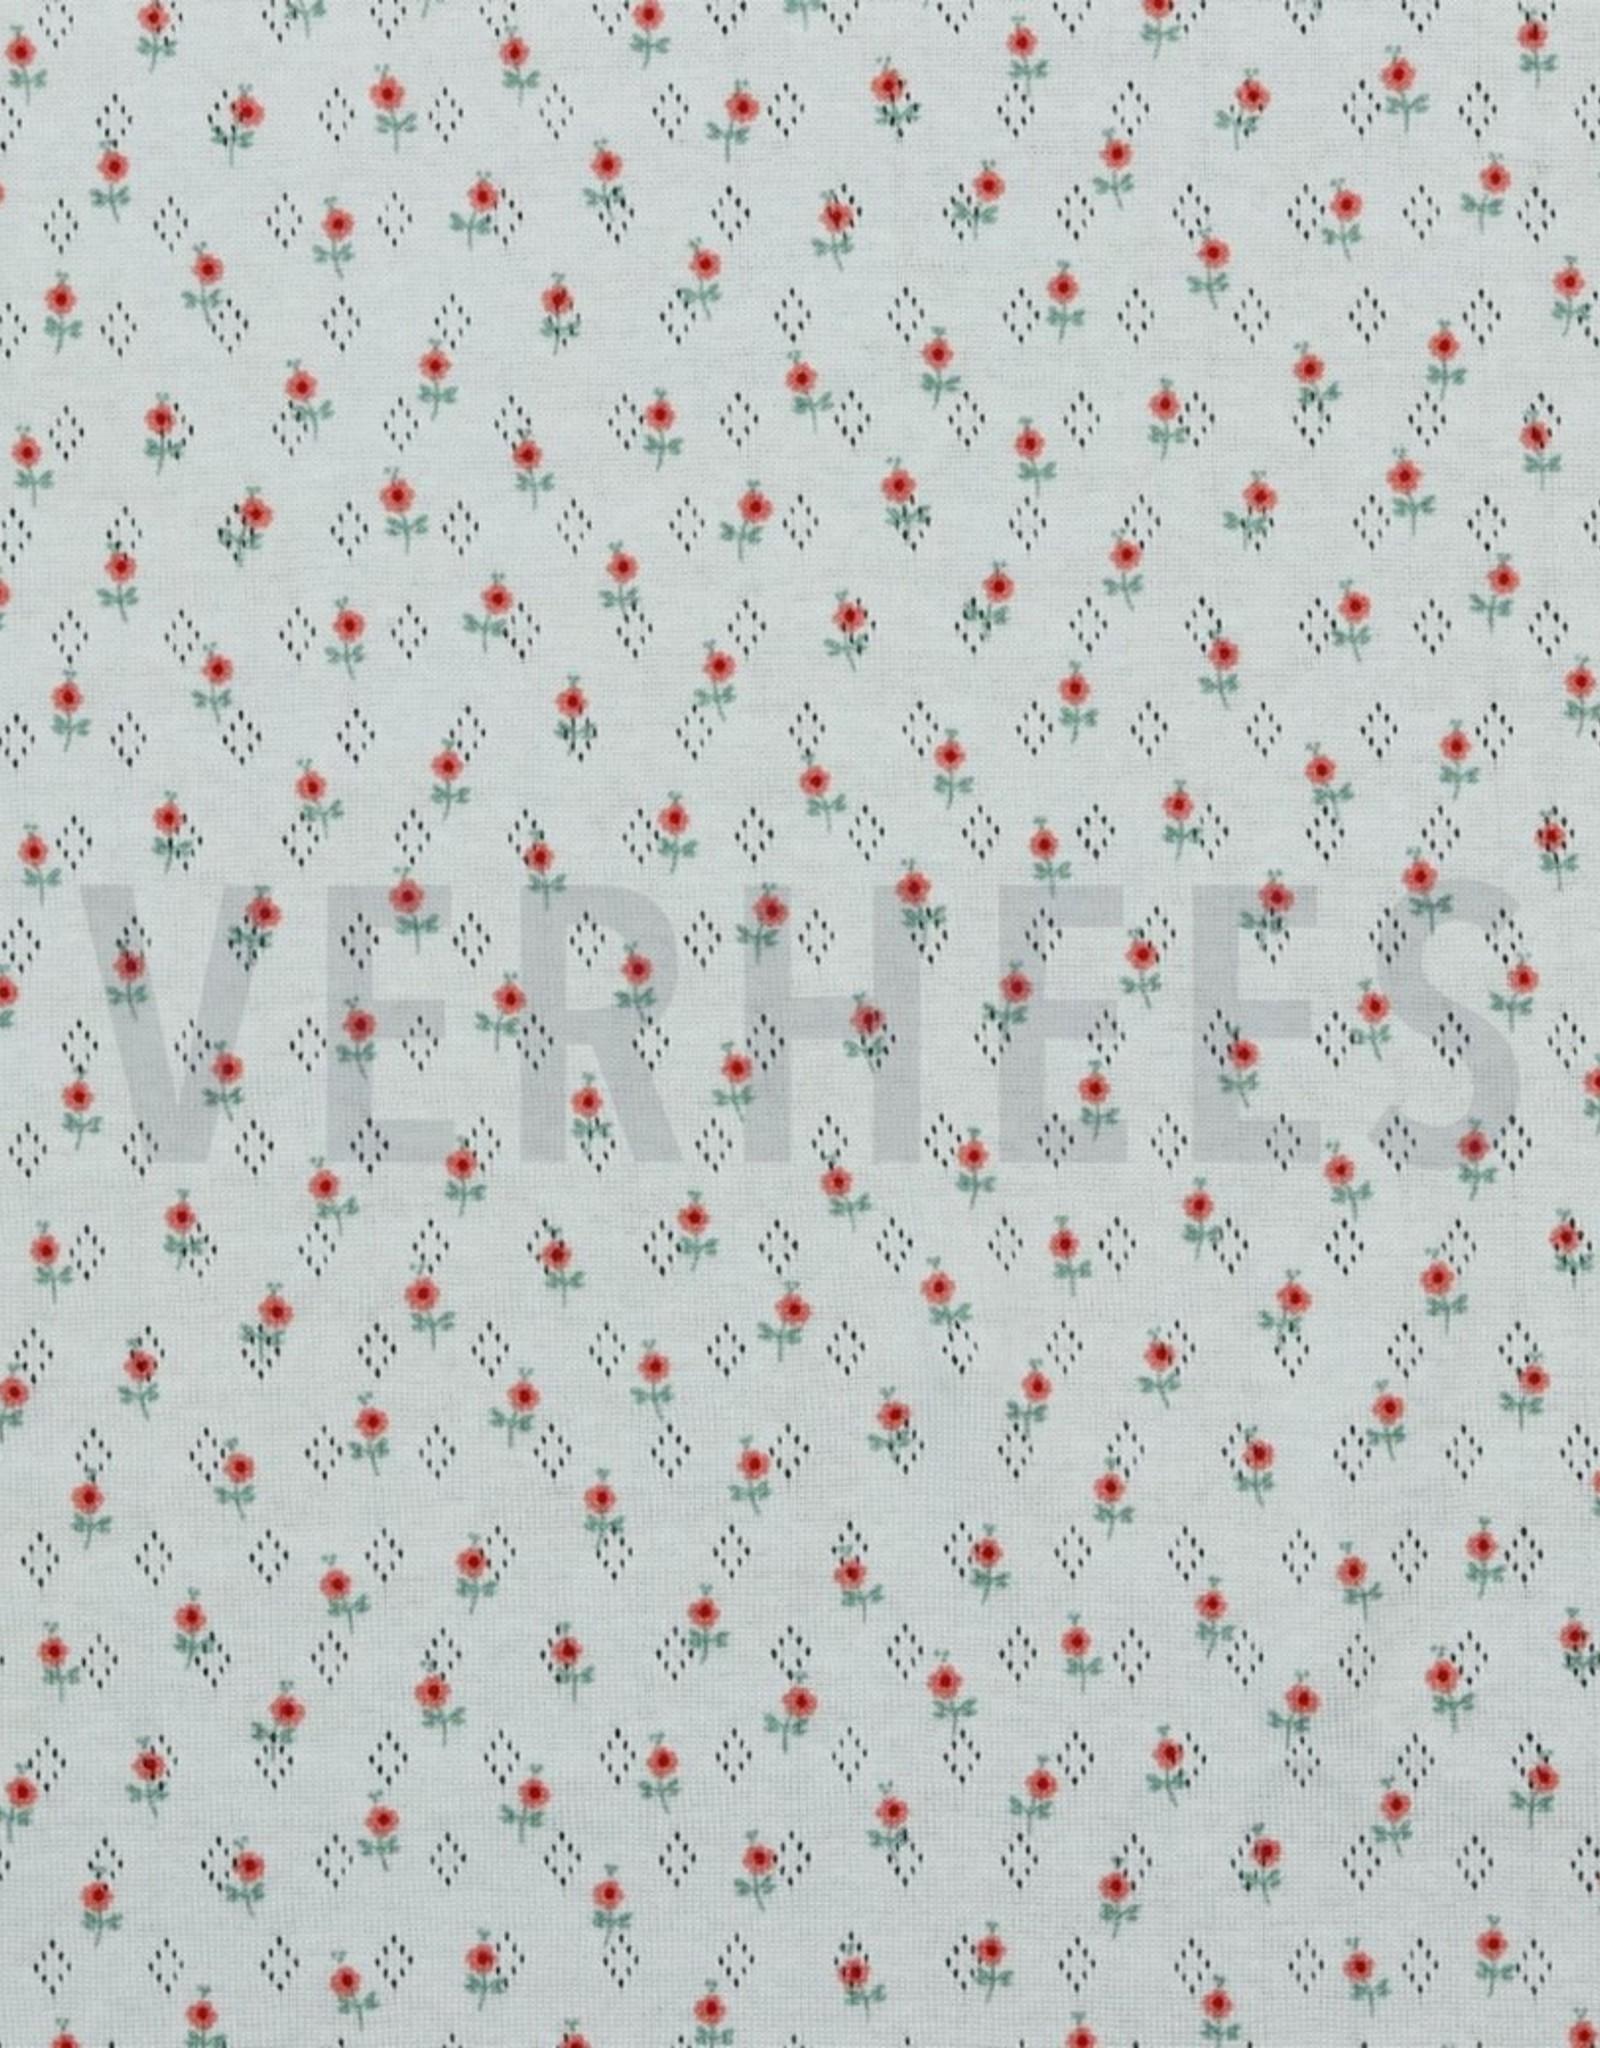 Poppy Pointoille Sweet Flowers wit